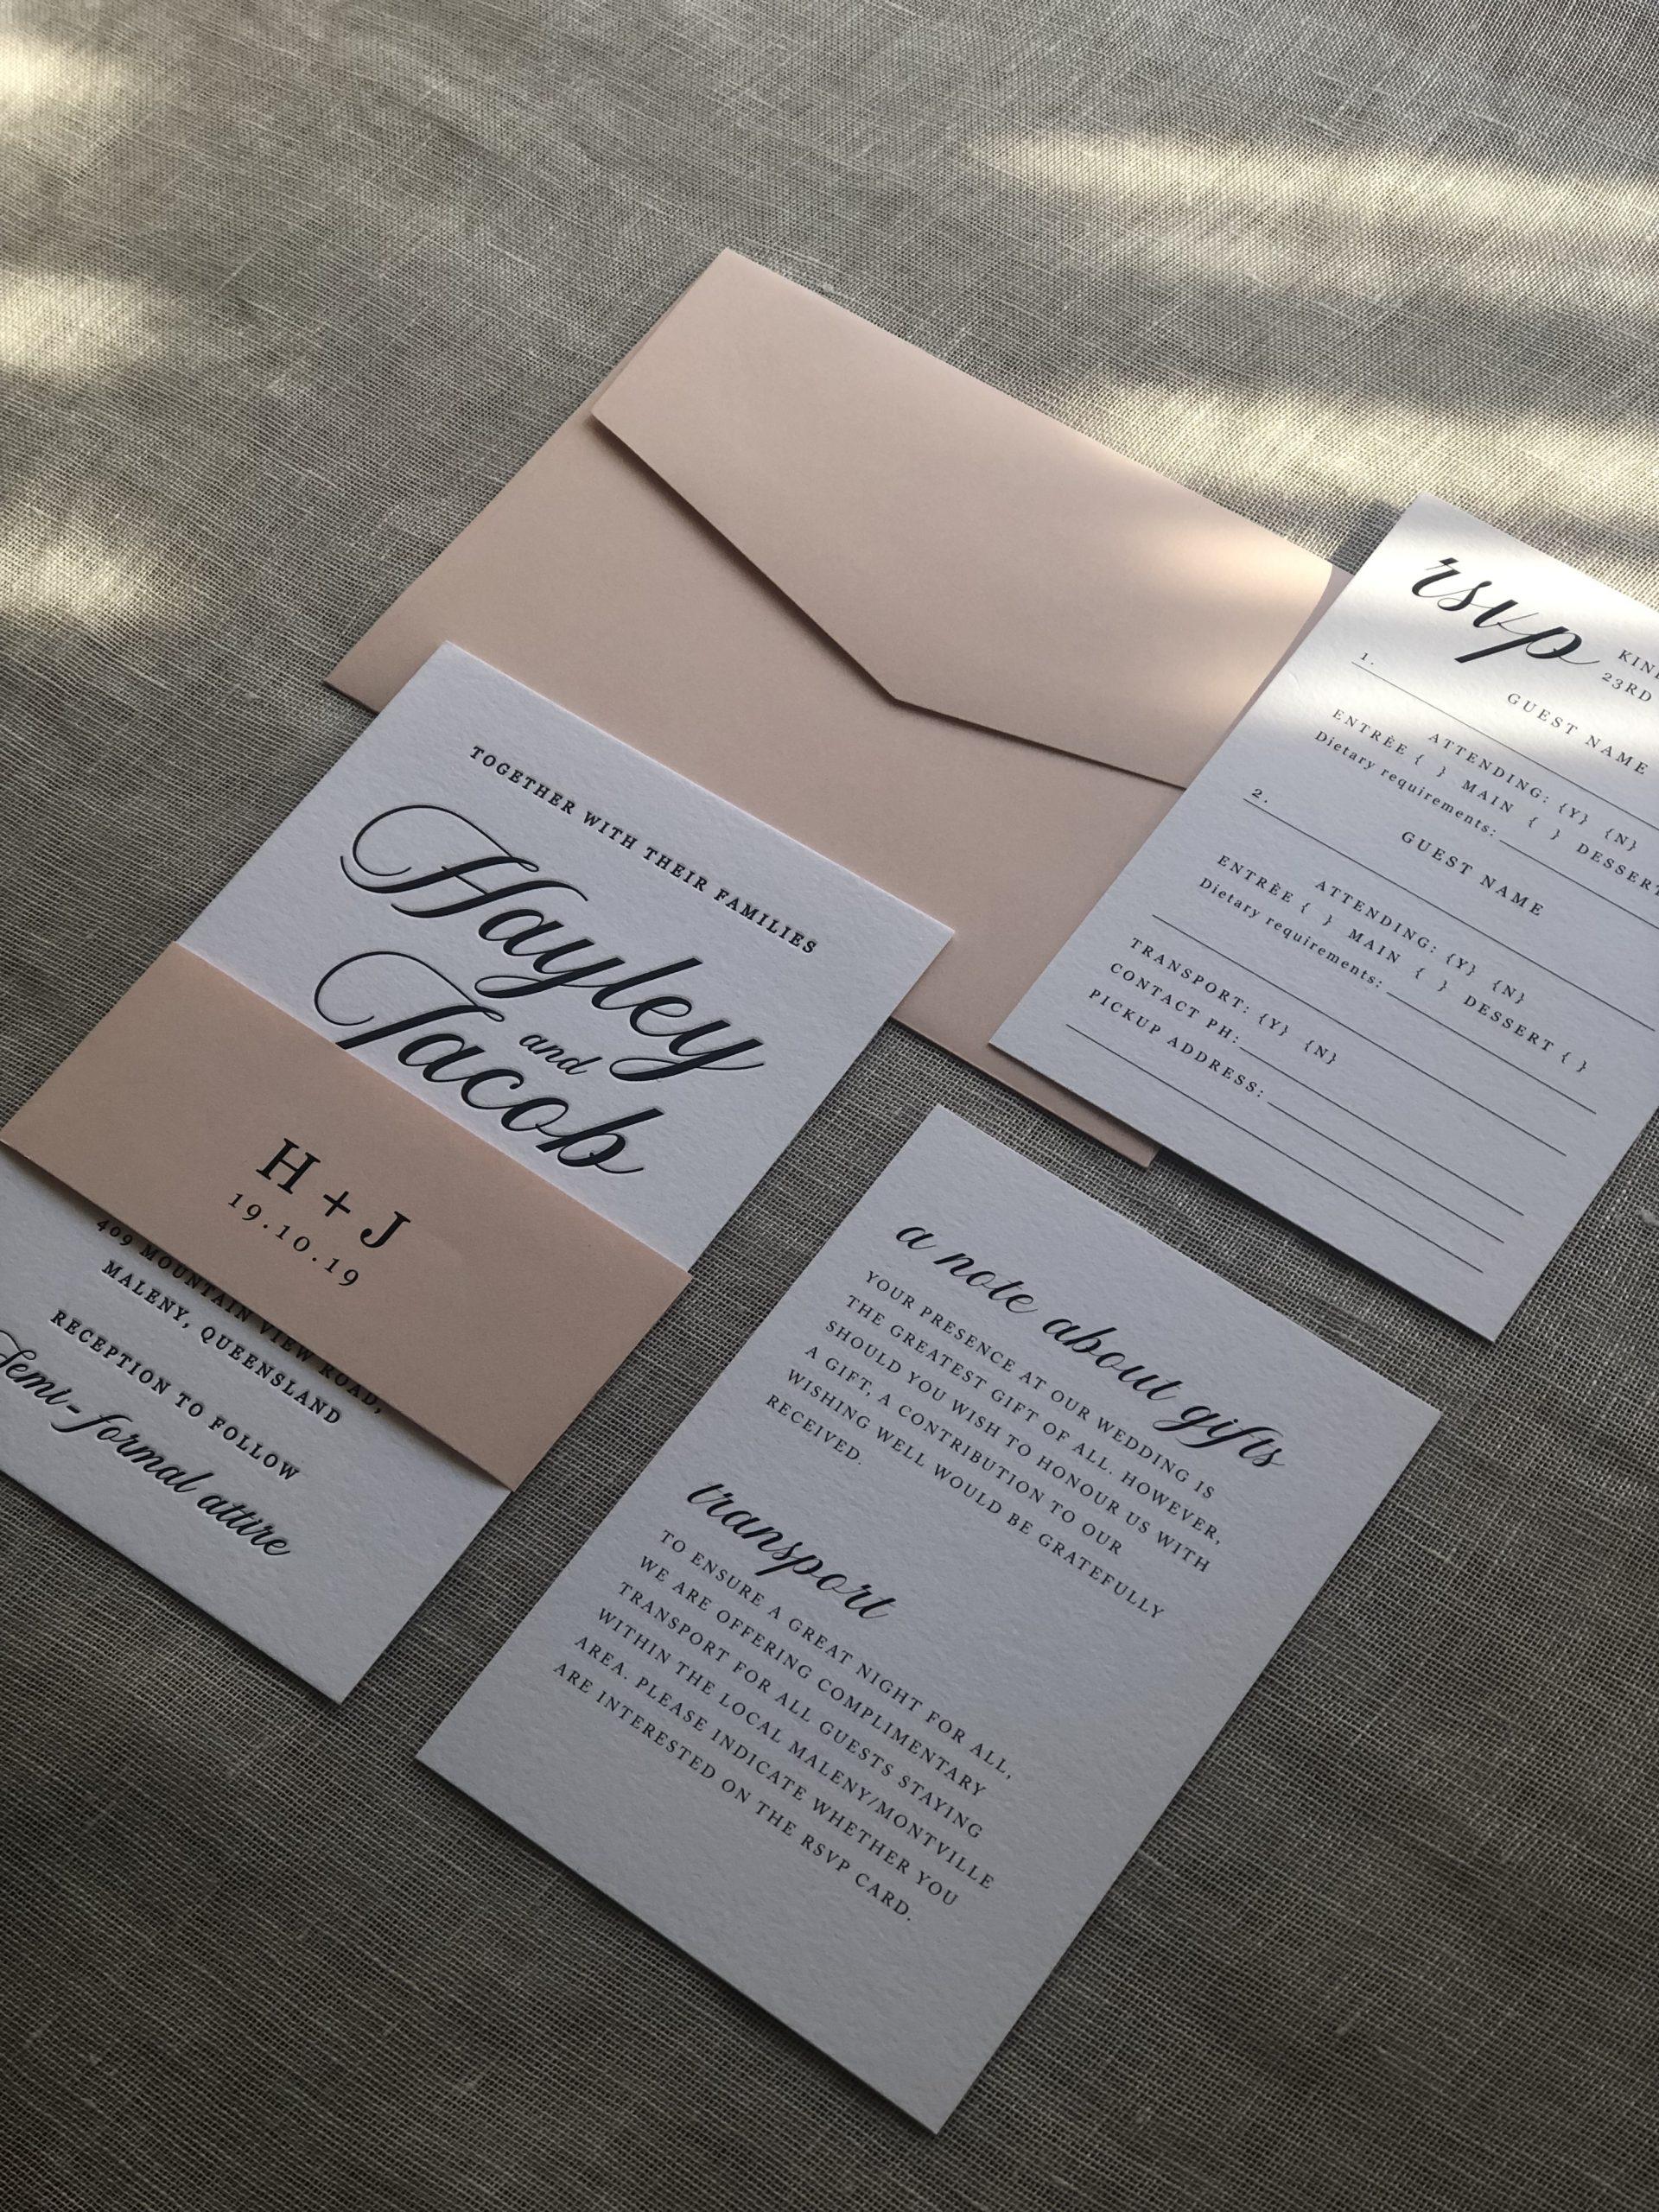 invitations information